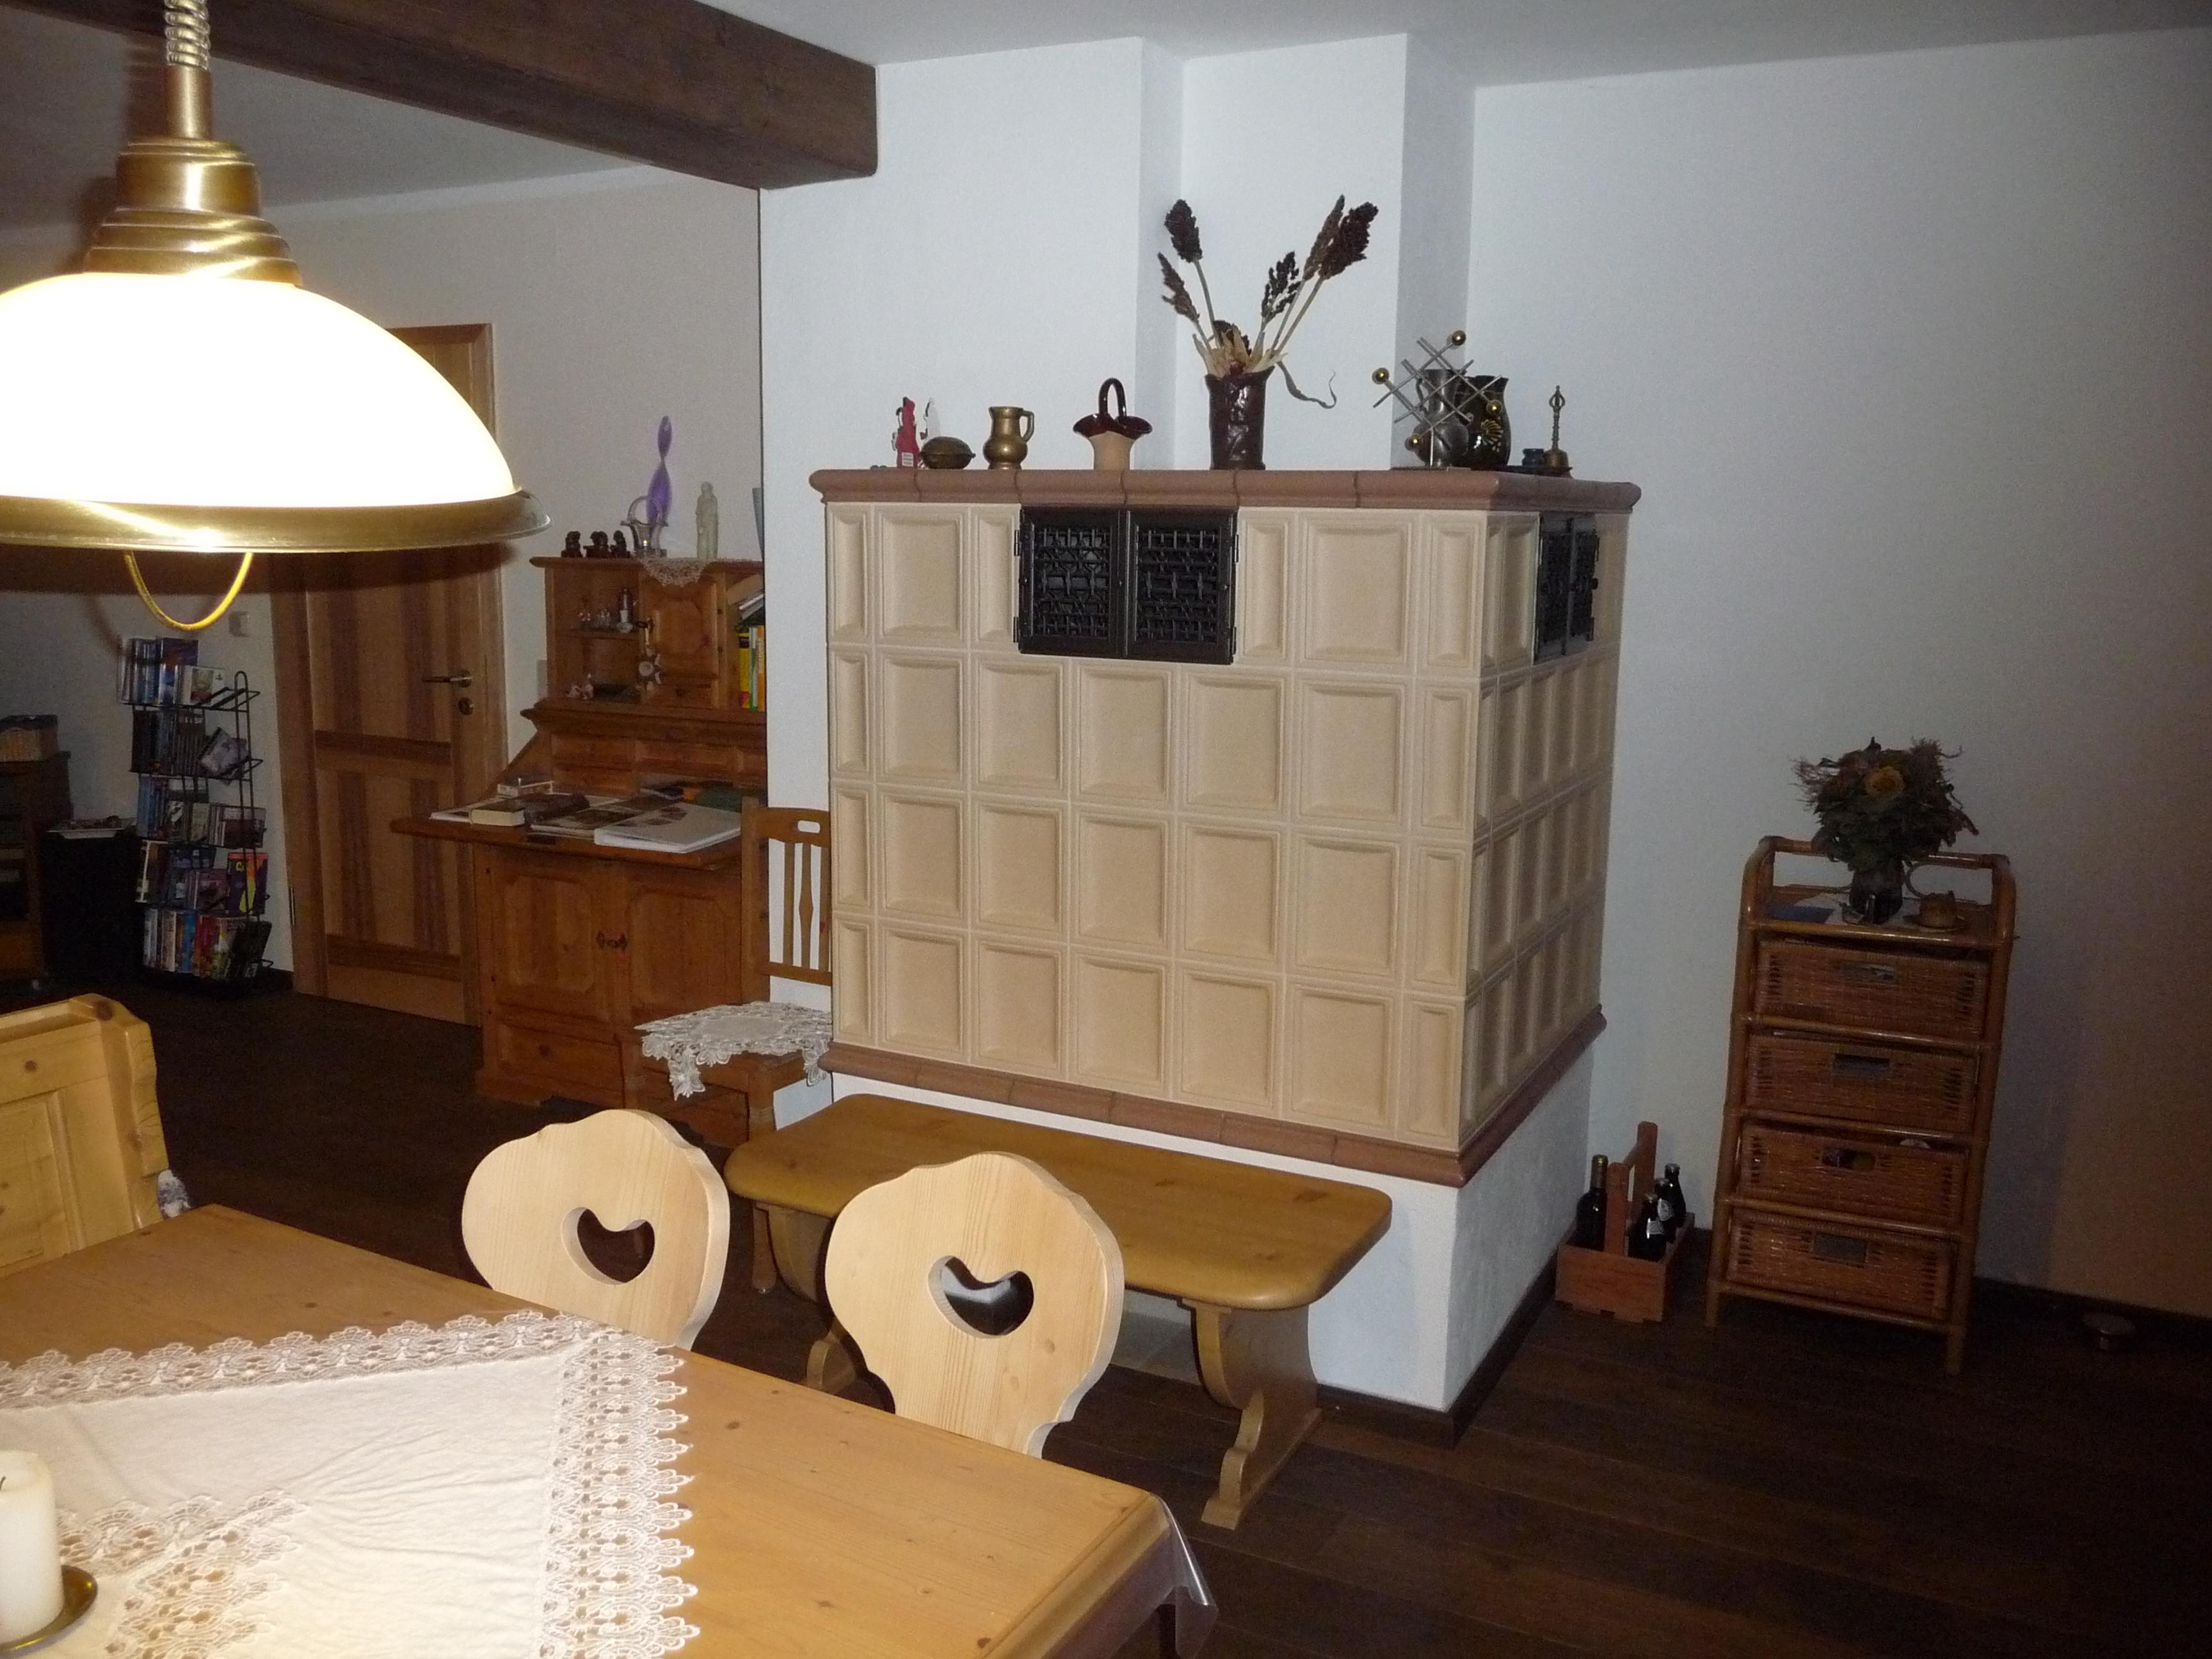 Riemchen wohnzimmer kamin – midir